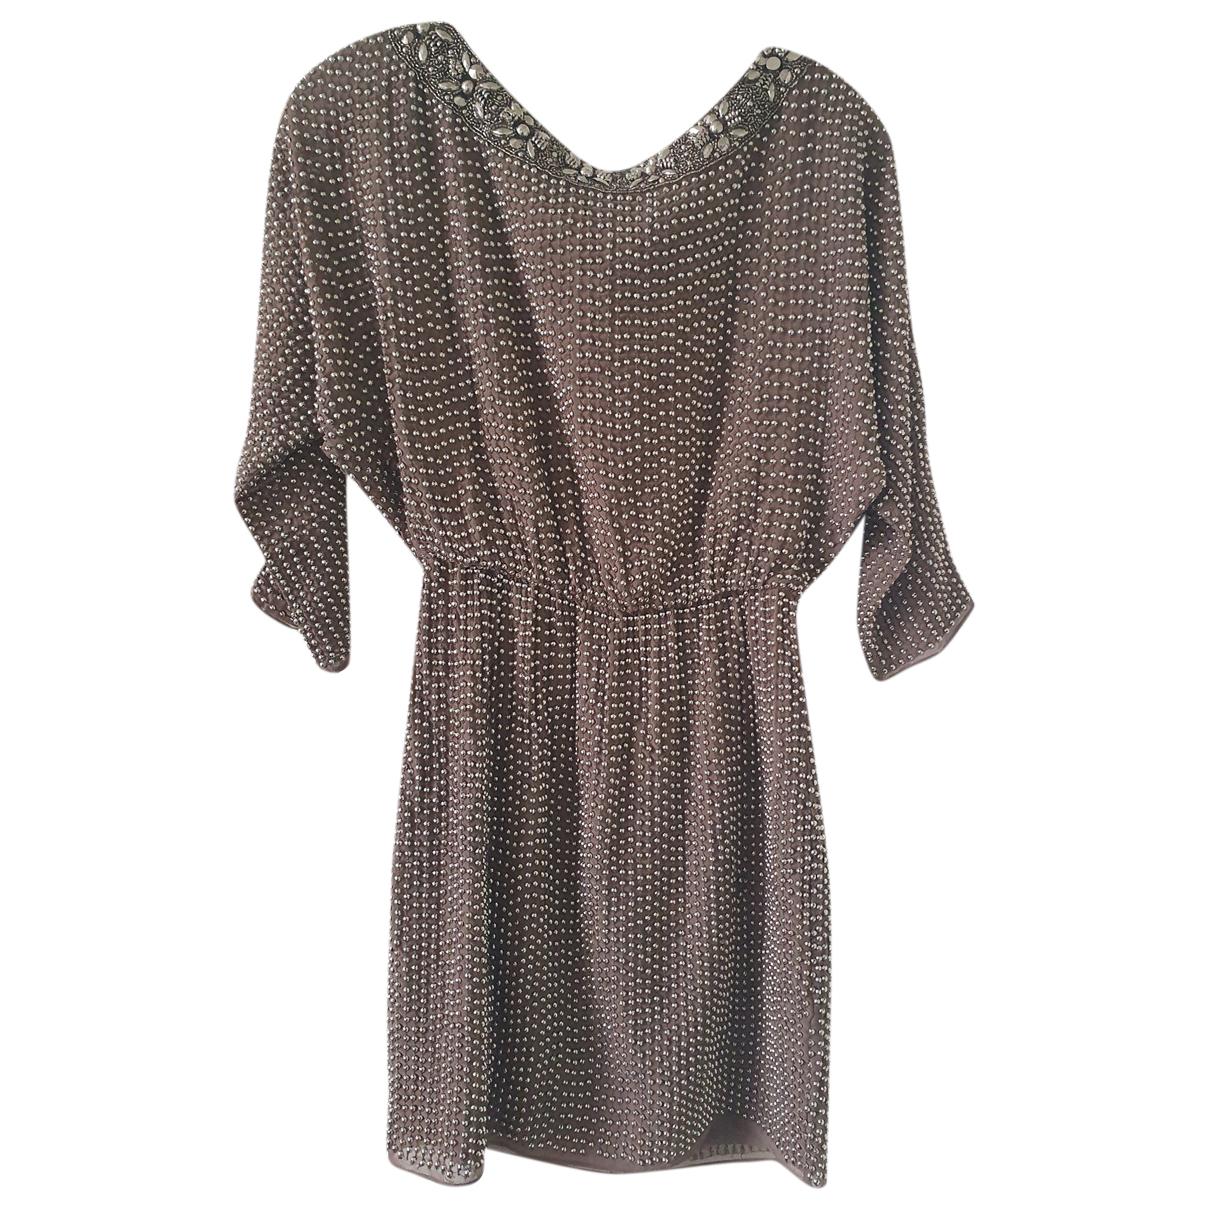 Needle & Thread \N Kleid in  Grau Polyester